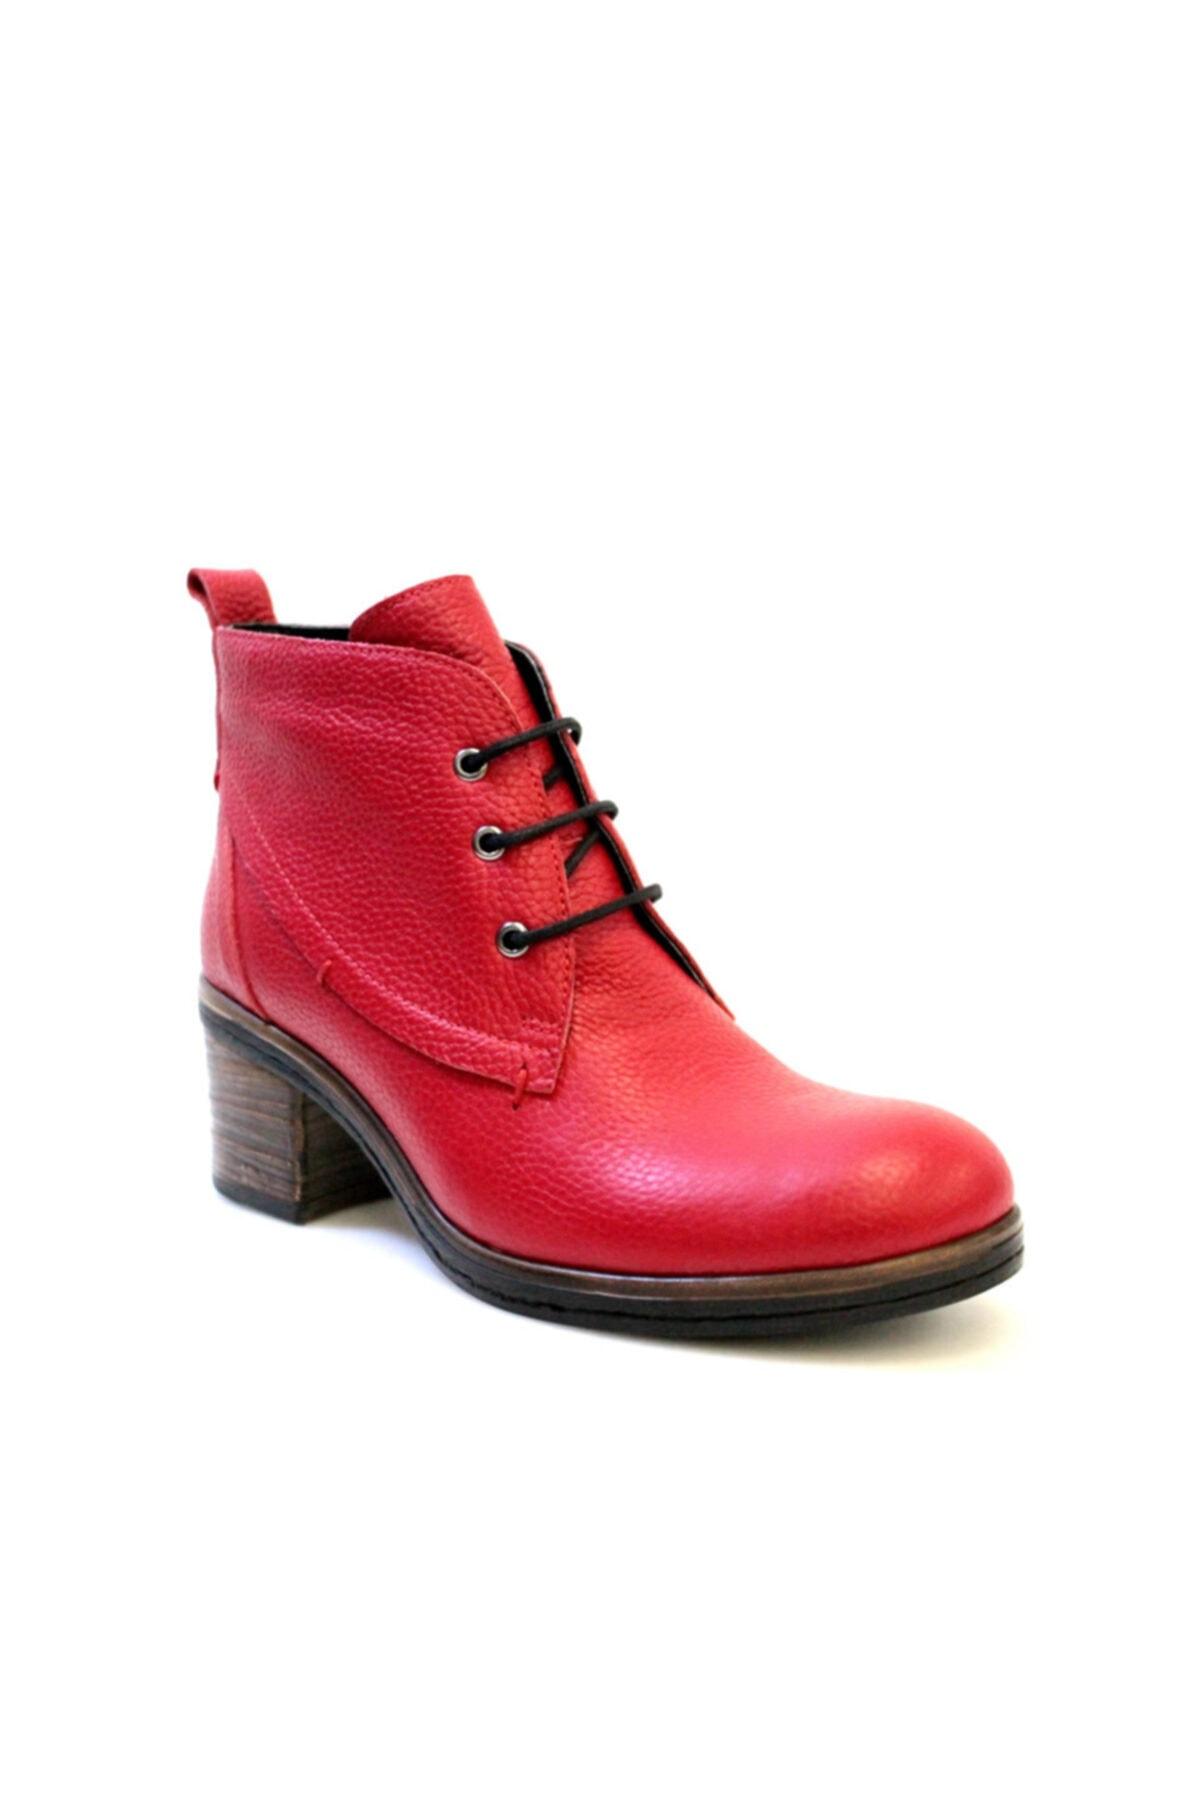 Beta Shoes Kadın Hakiki Deri Bot Kırmızı 1